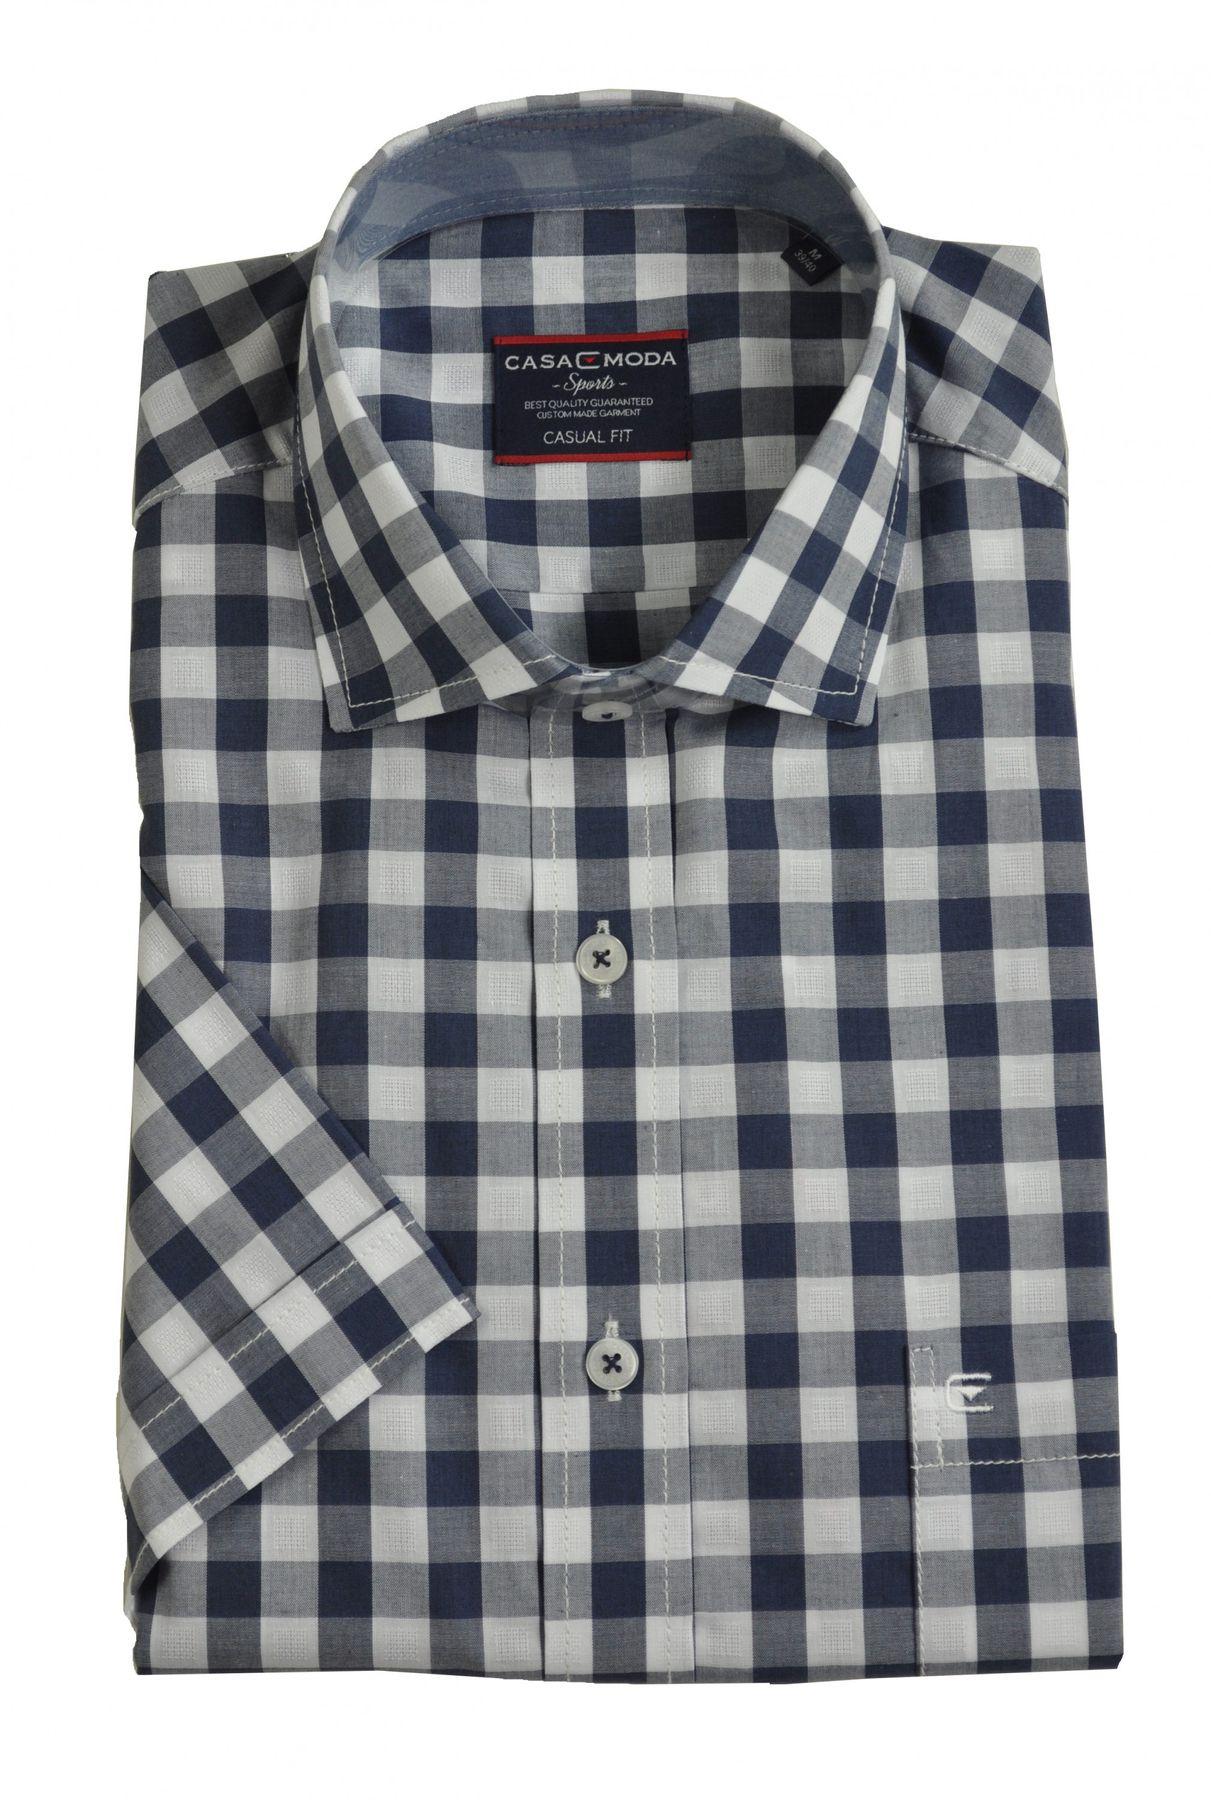 Casa Moda - Casual Fit - Herren Freizeit 1/2-Arm-Hemd in verschiedenen Farben mit Kent-Kragen (983074600) – Bild 5